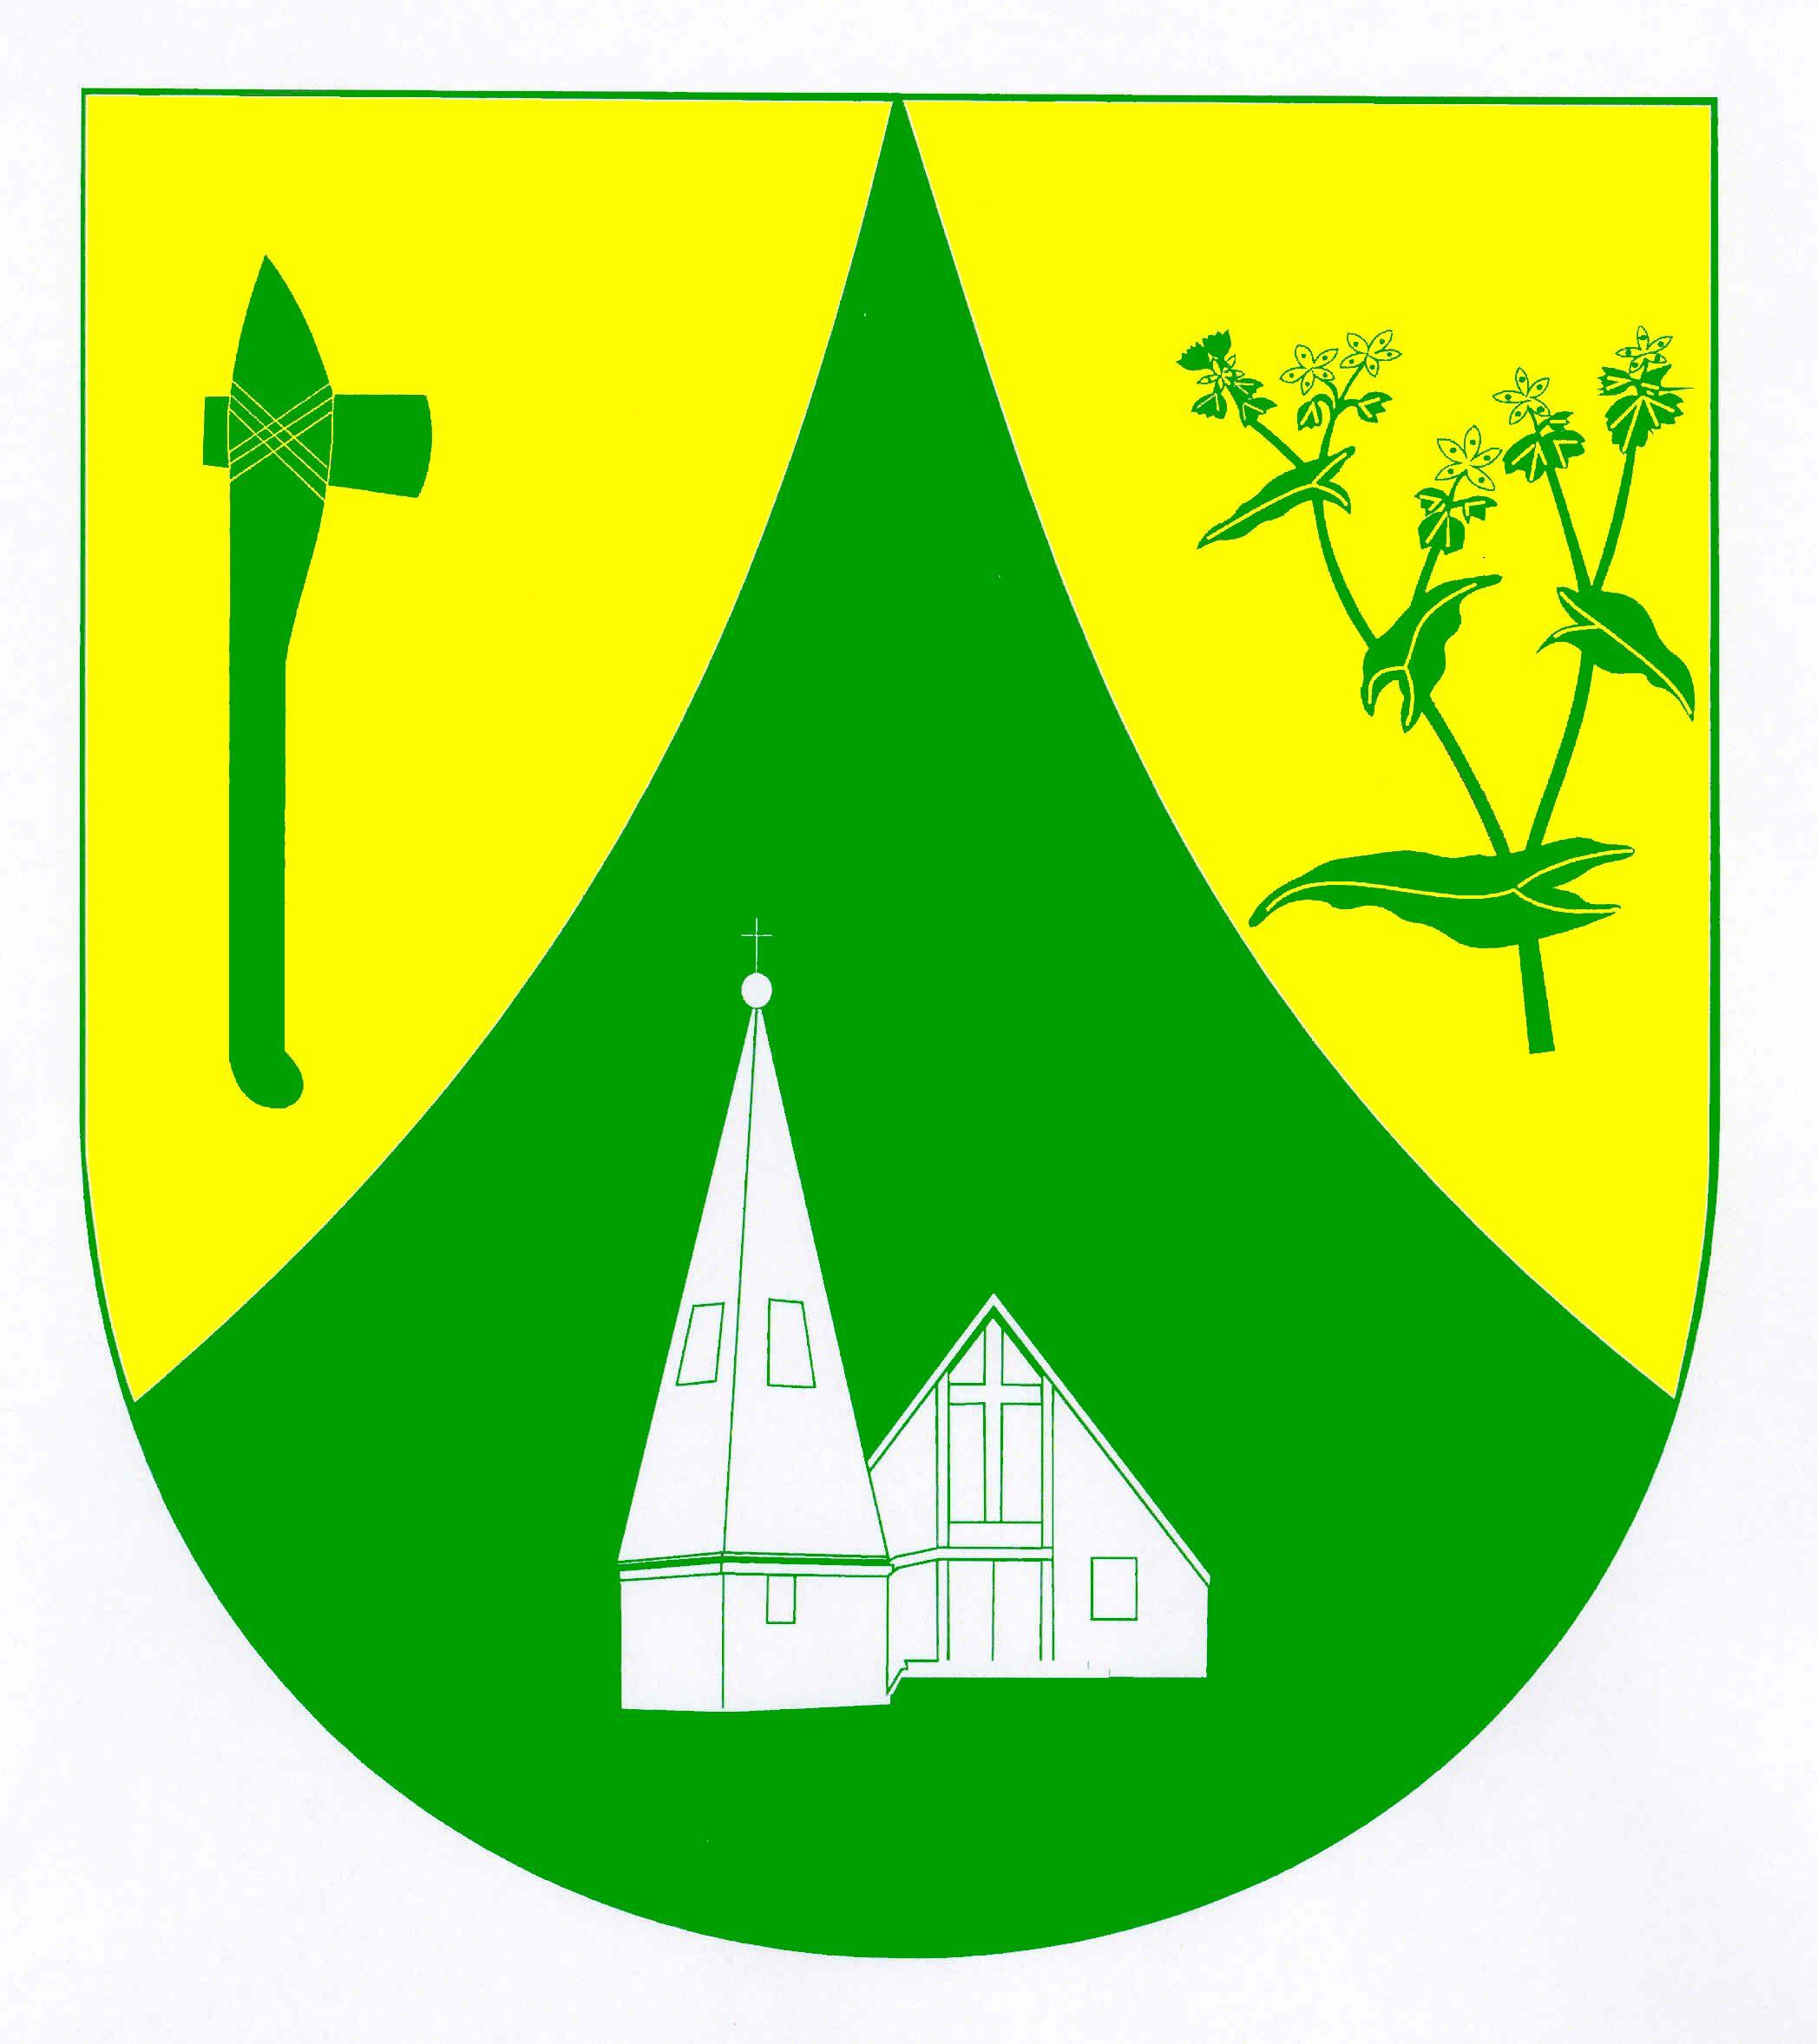 Wappen GemeindeGnutz, Kreis Rendsburg-Eckernförde